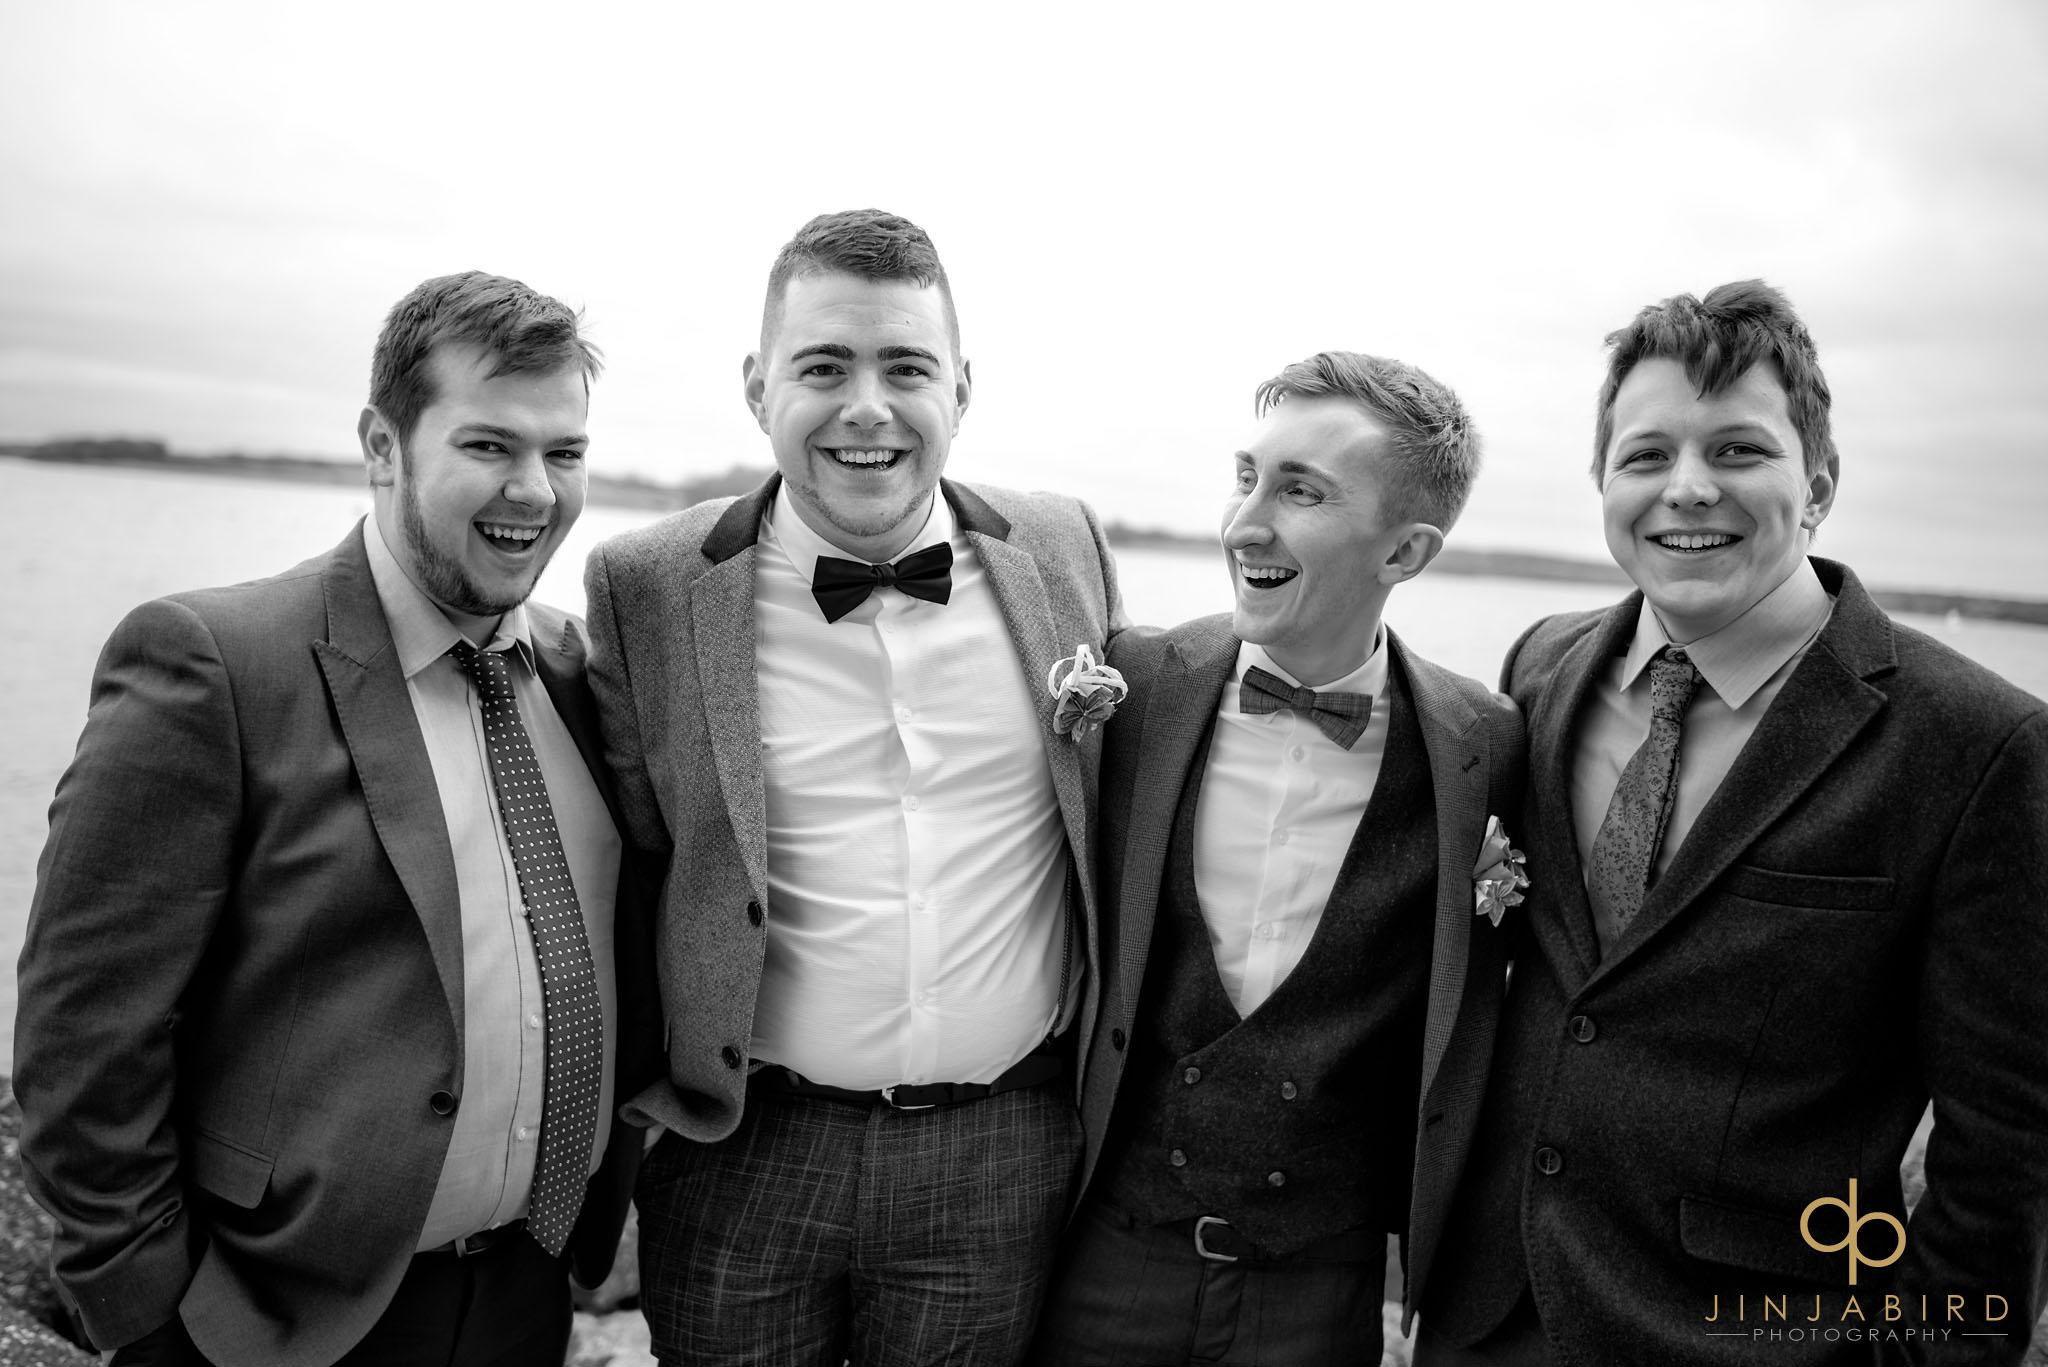 normanton church wedding photographs